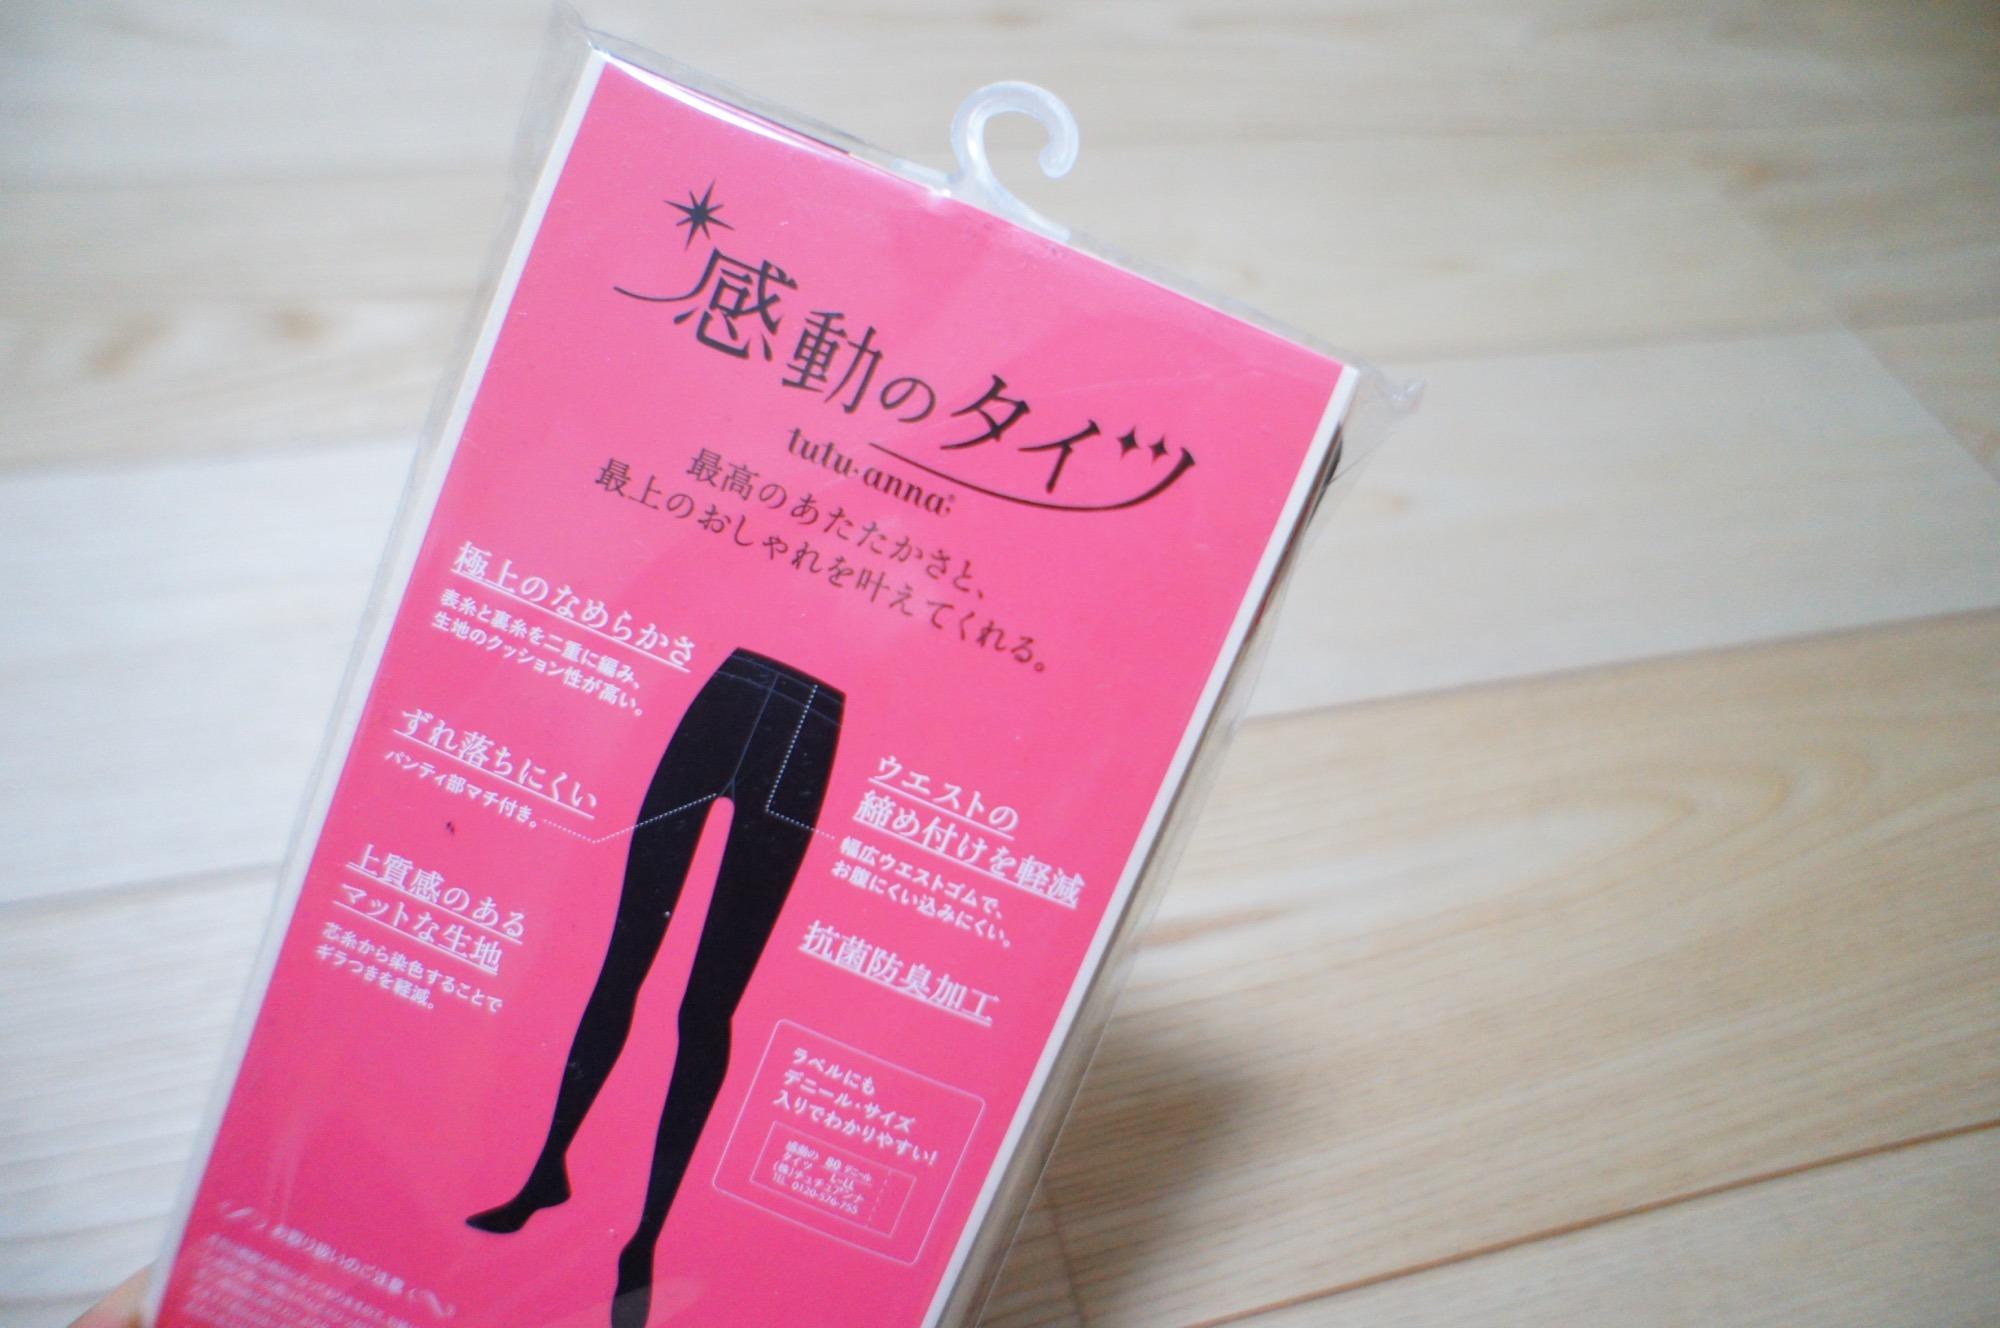 オトナ可愛いECブランド『mite』はチェック済み?【今週のMOREインフルエンサーズファッション人気ランキング】_2